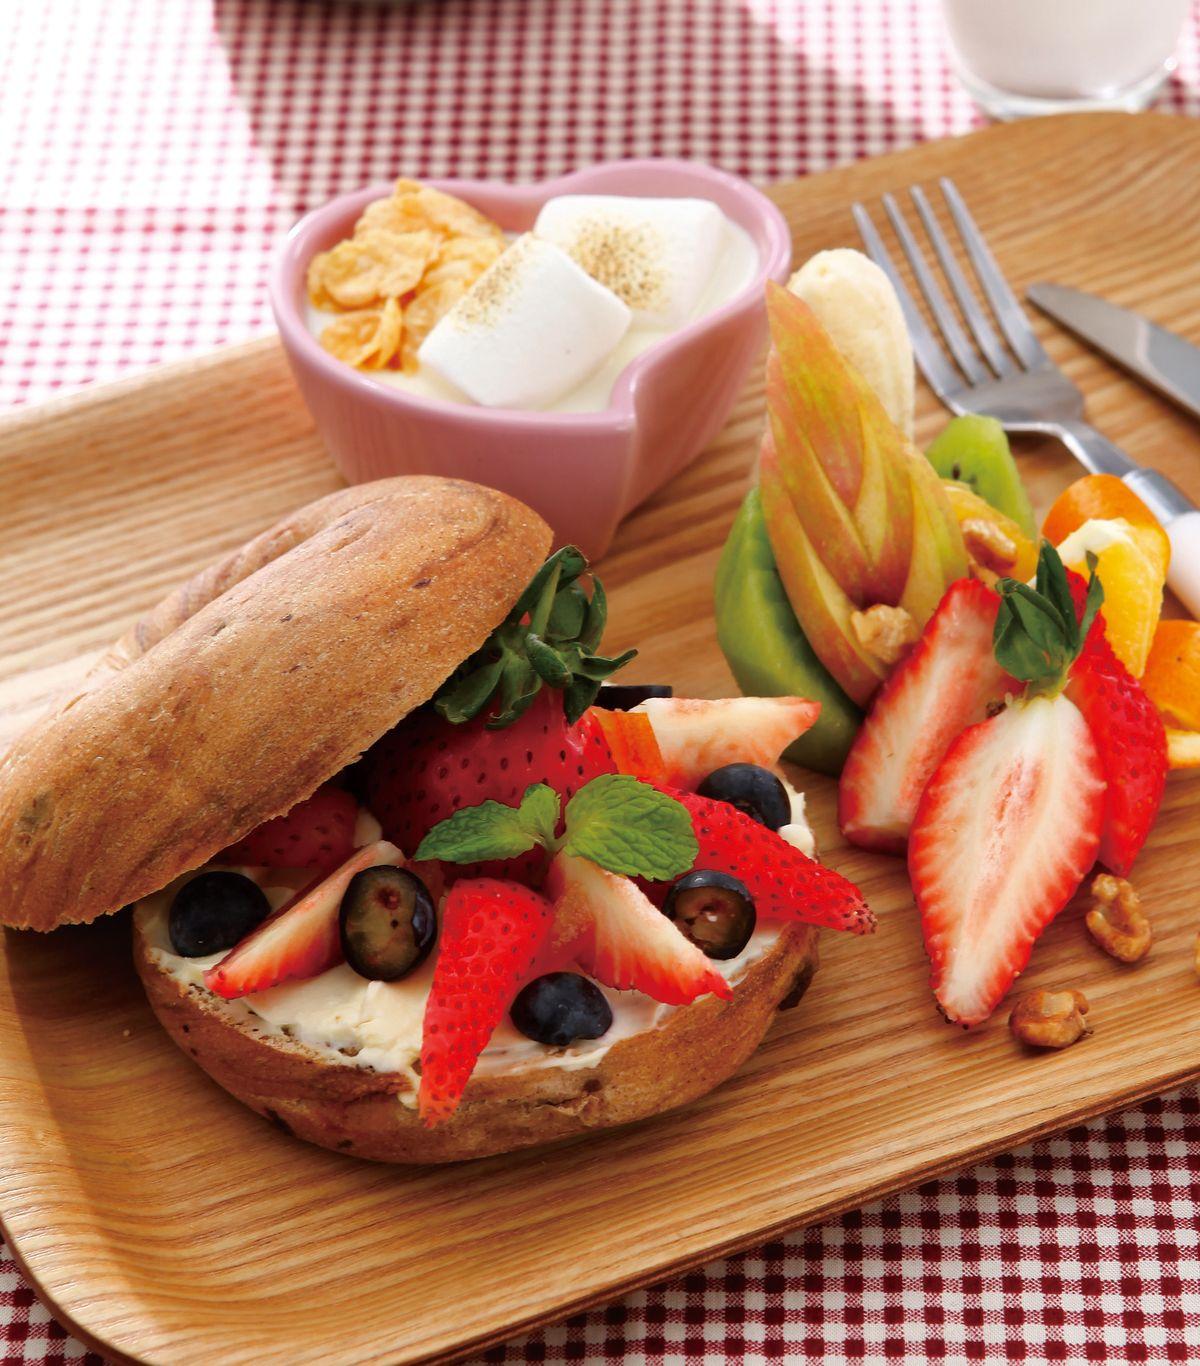 食譜:培果佐起司抹醬搭時令草莓